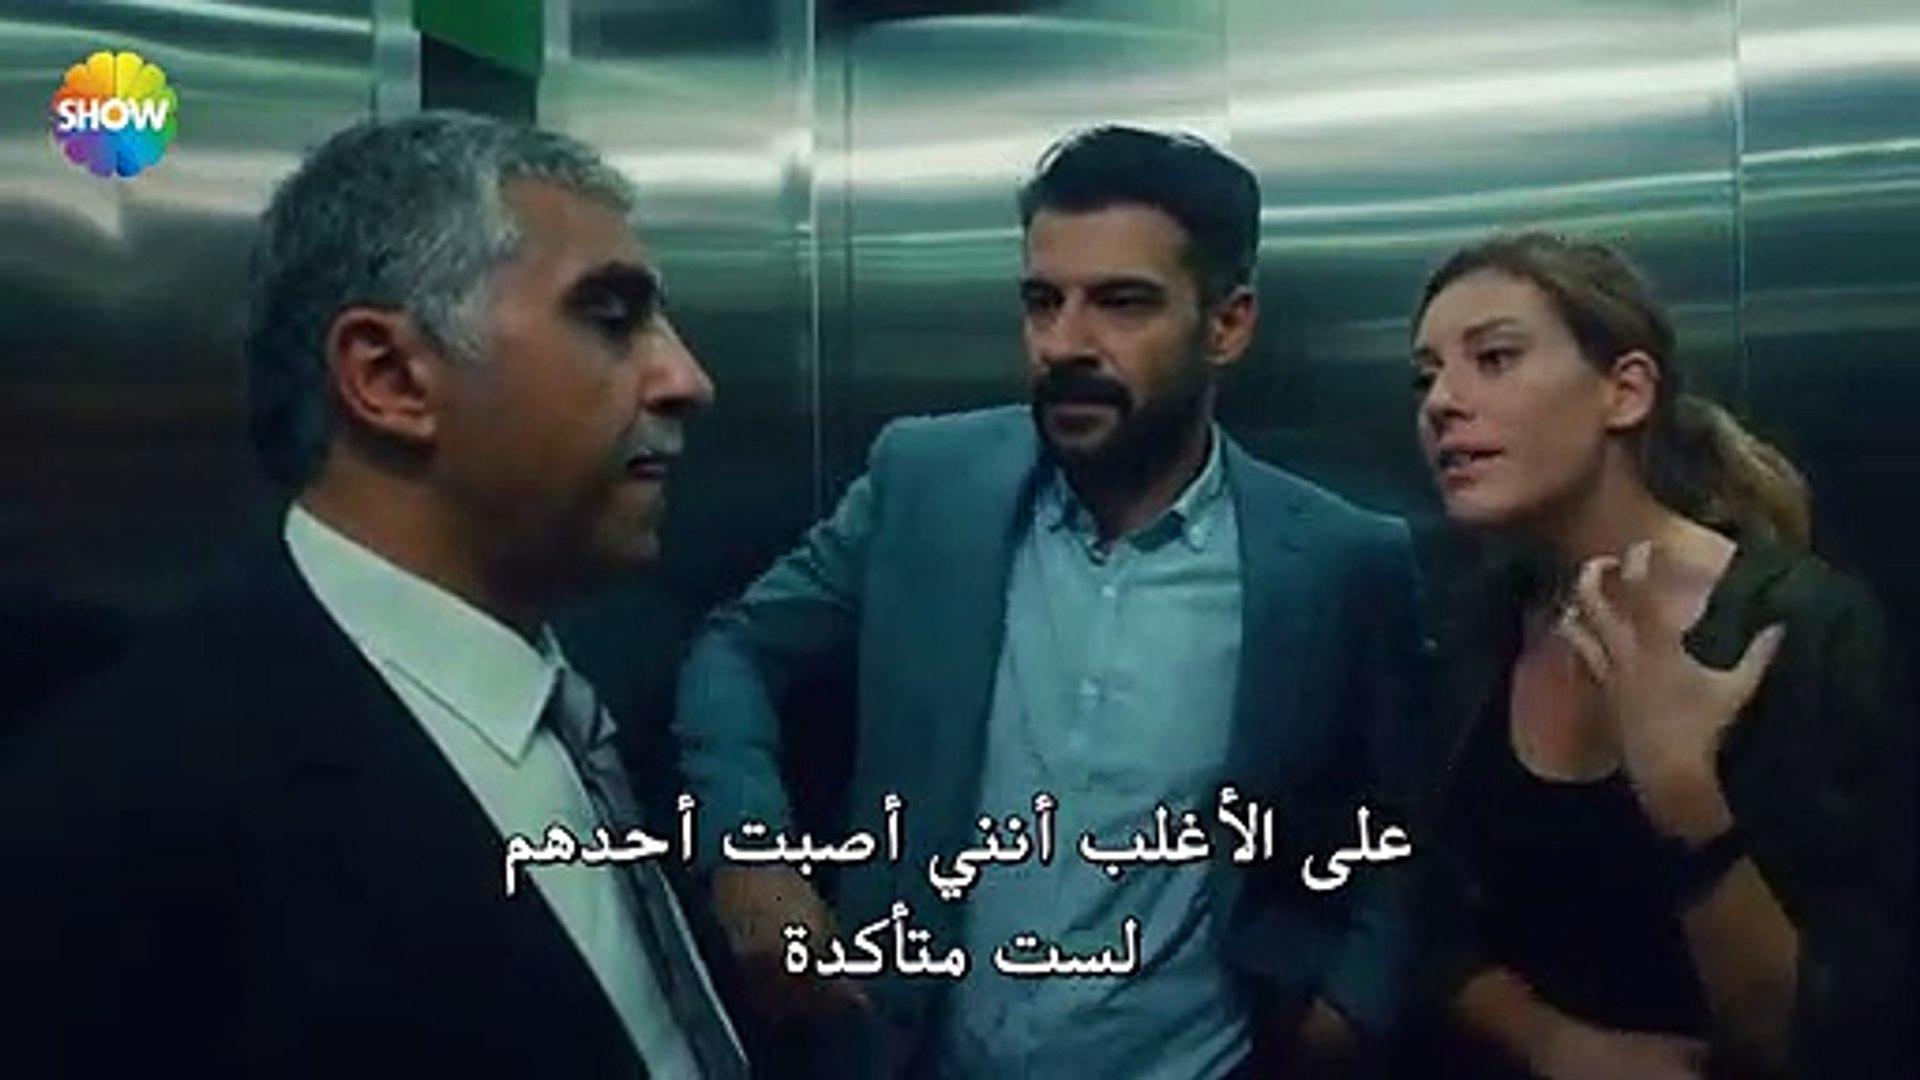 مسلسل وجها لوجه الحلقة 1 مترجمة للعربية القسم 3